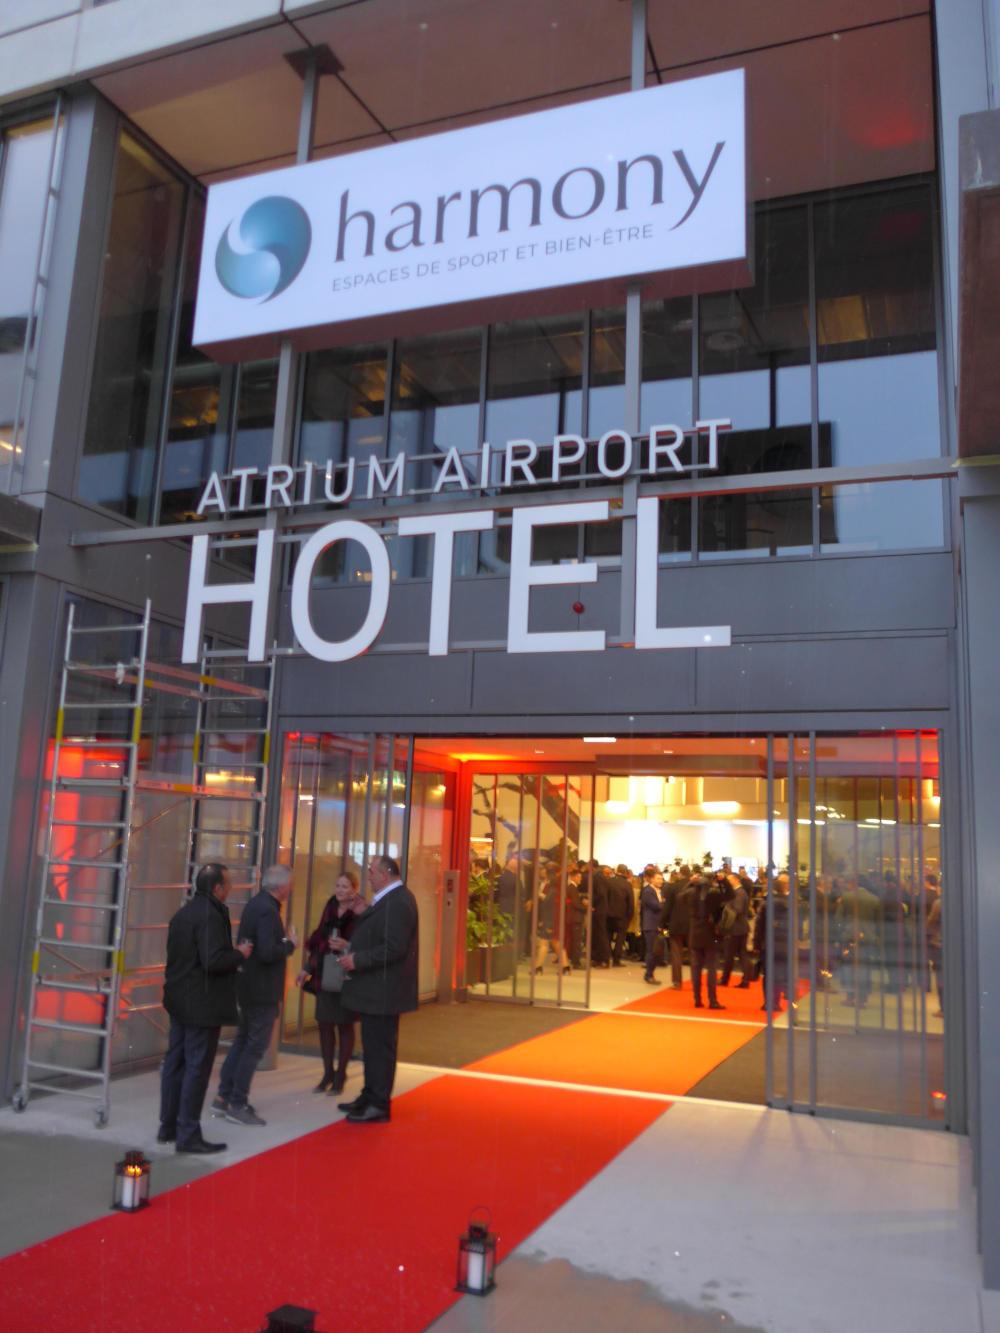 inauguration atrium airport hotel